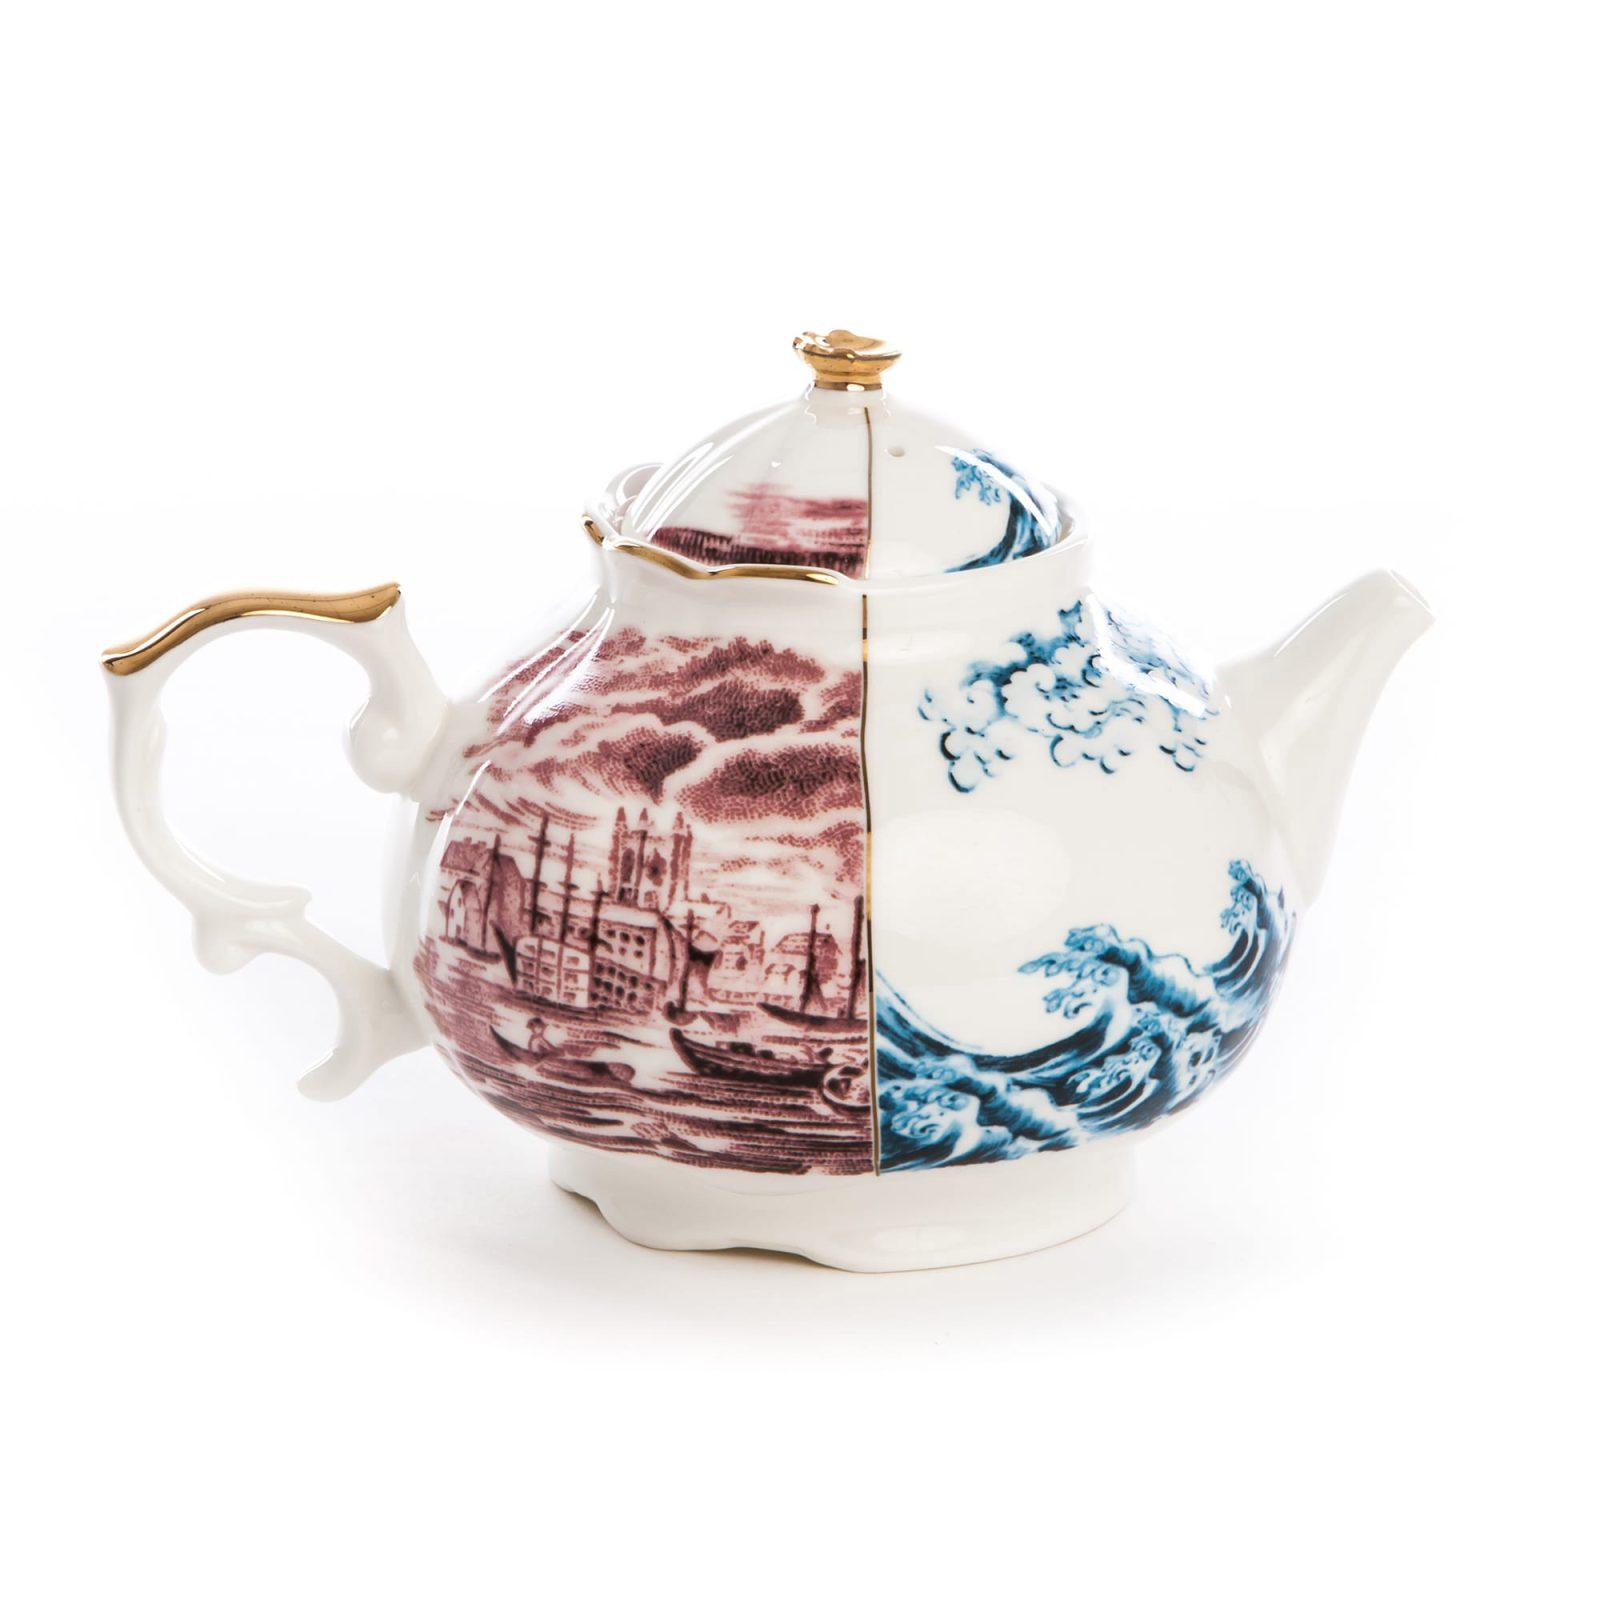 Seletti Hybrid Collection, Smeraldina Teapot-32469